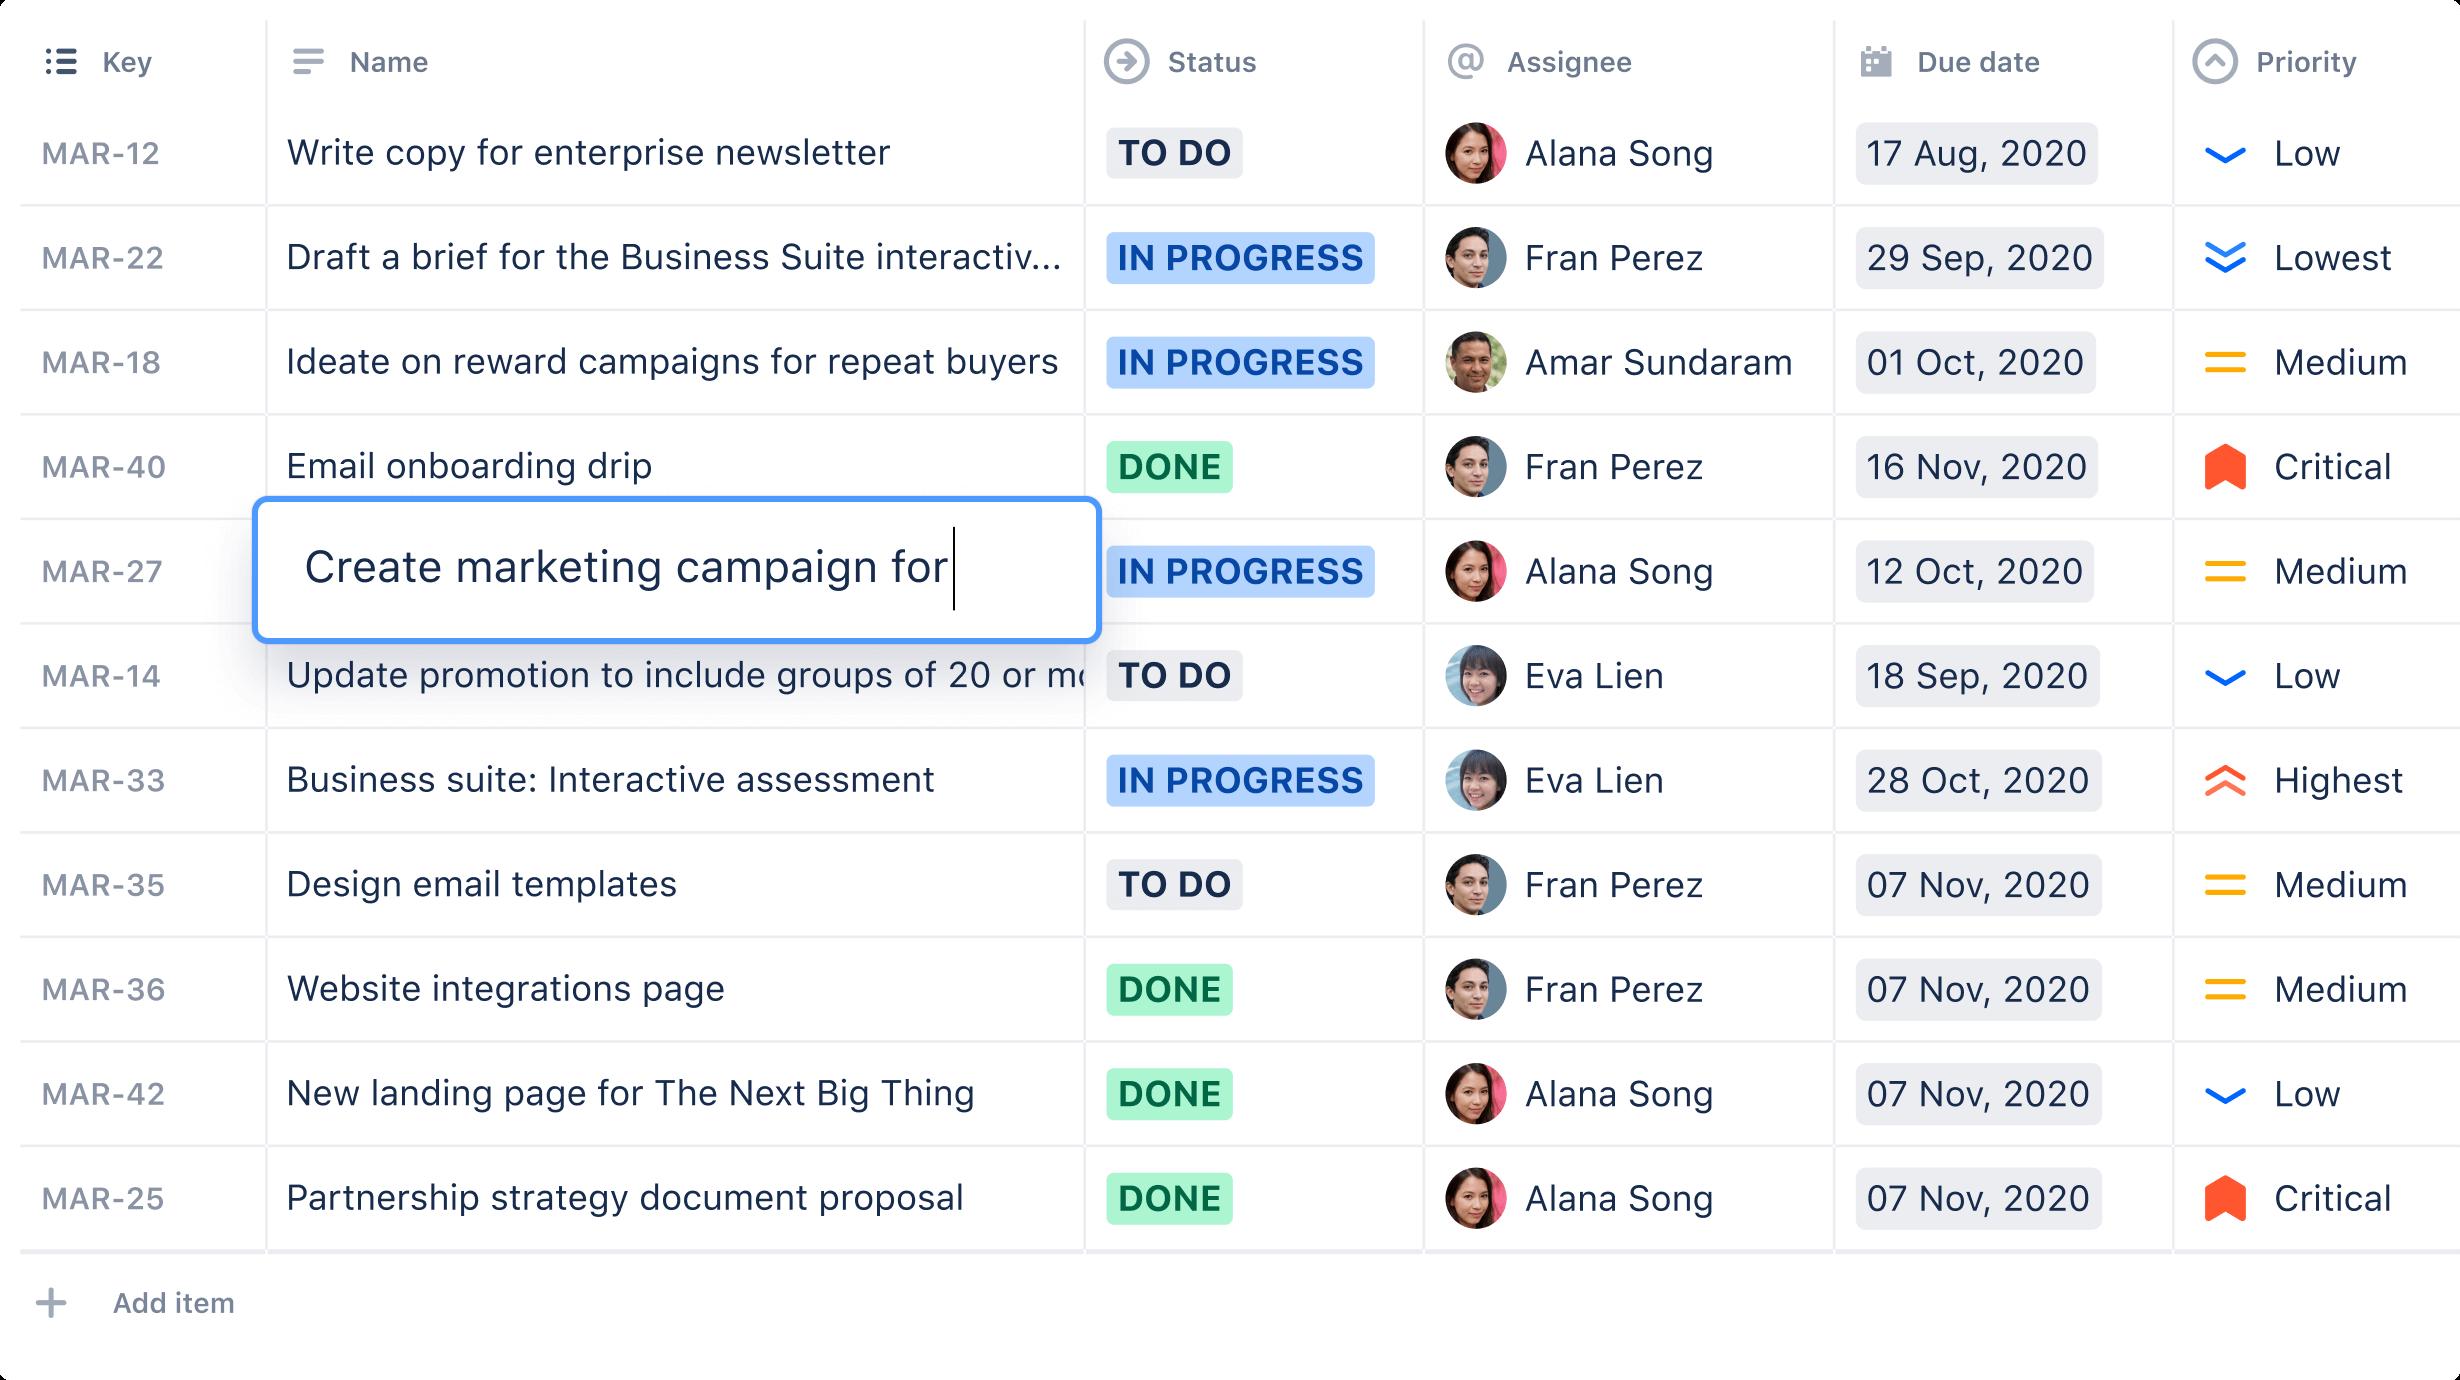 製品のリストのスクリーンショット